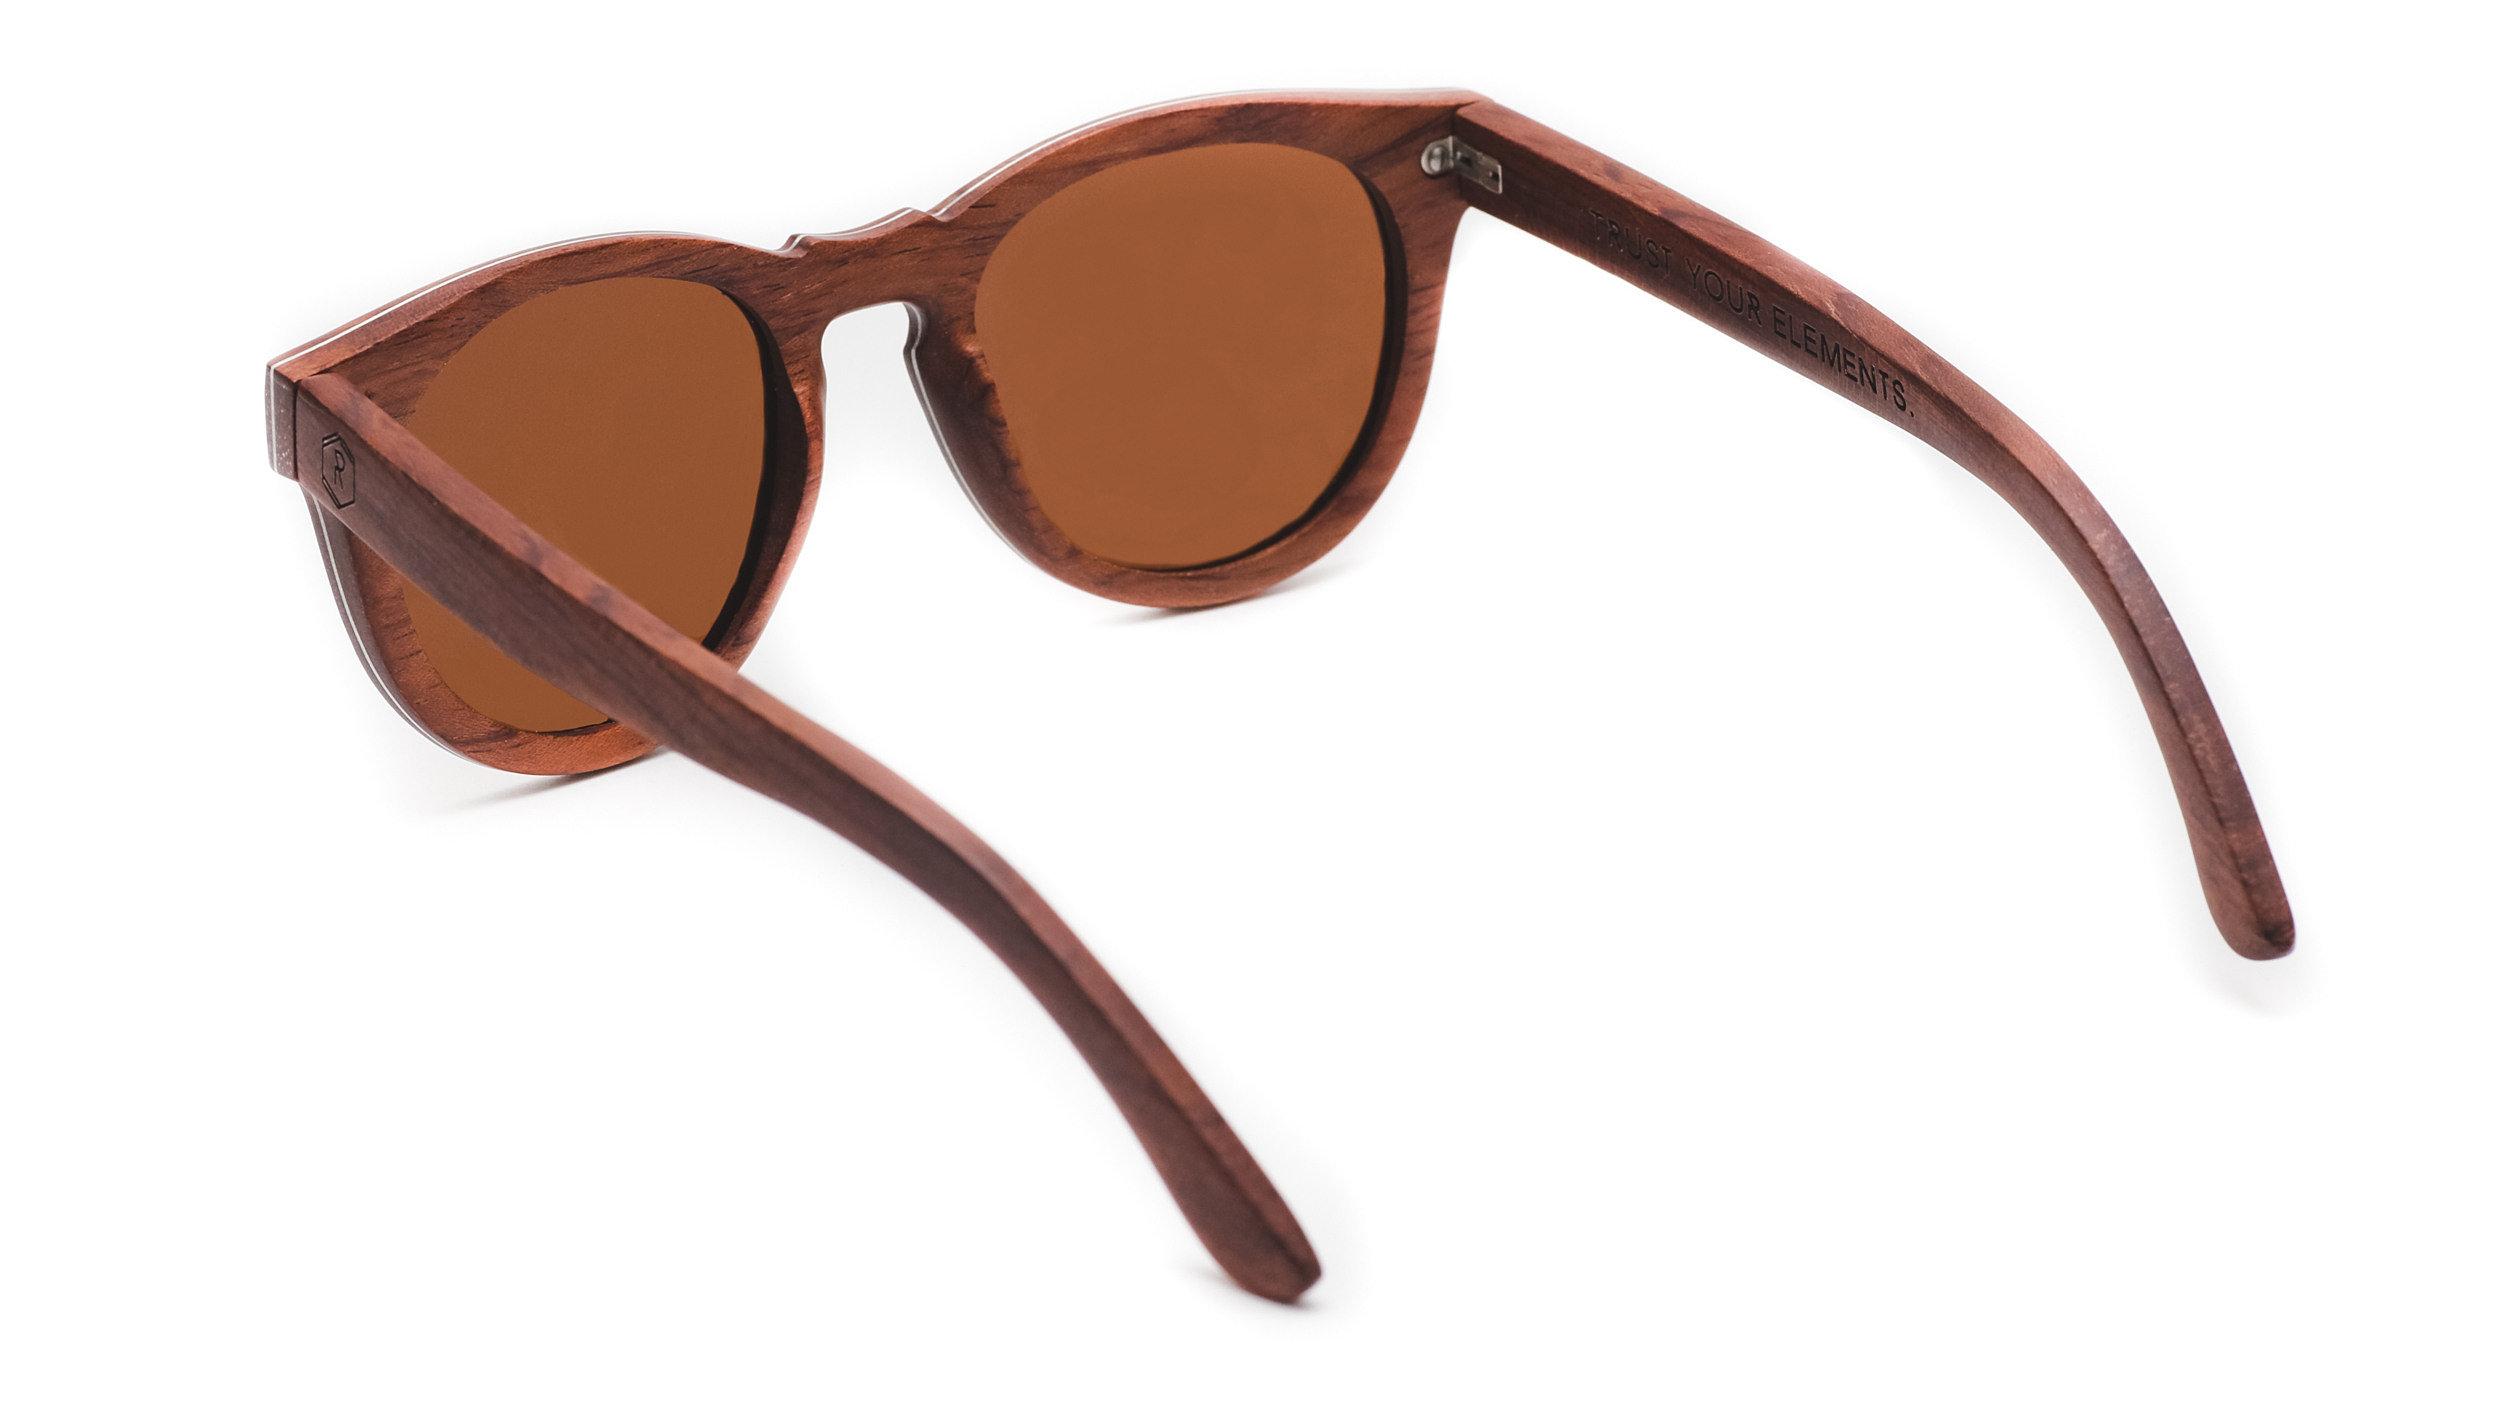 REZIN | Handmade Wooden Sunglasses | Lunettes en bois ...